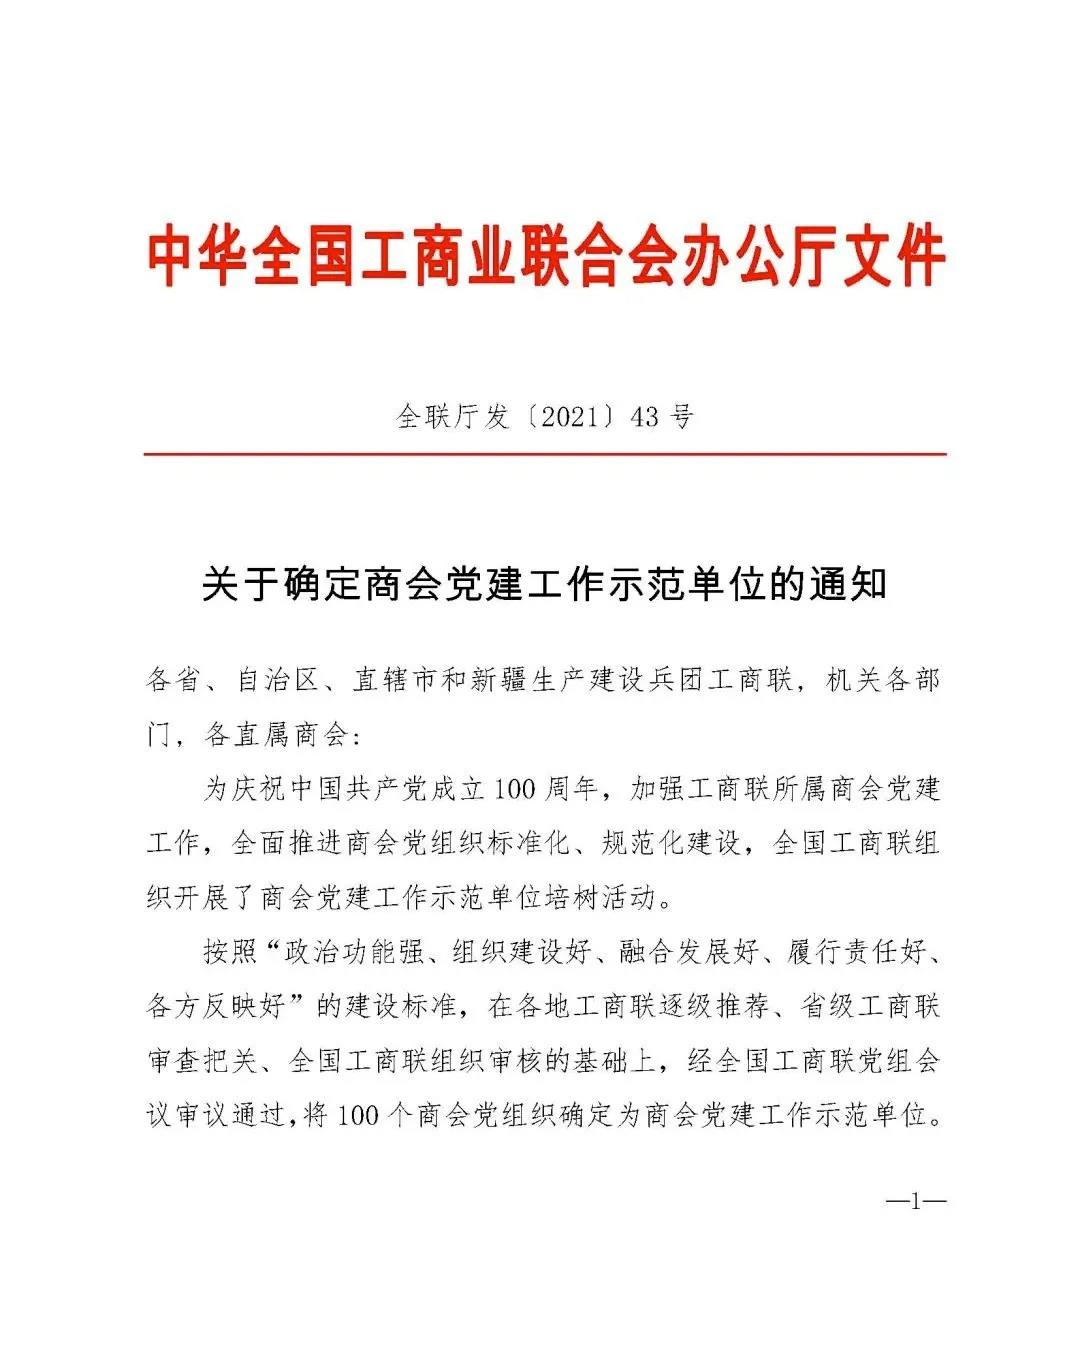 全国工商联确定100家商会党建工作示范单位